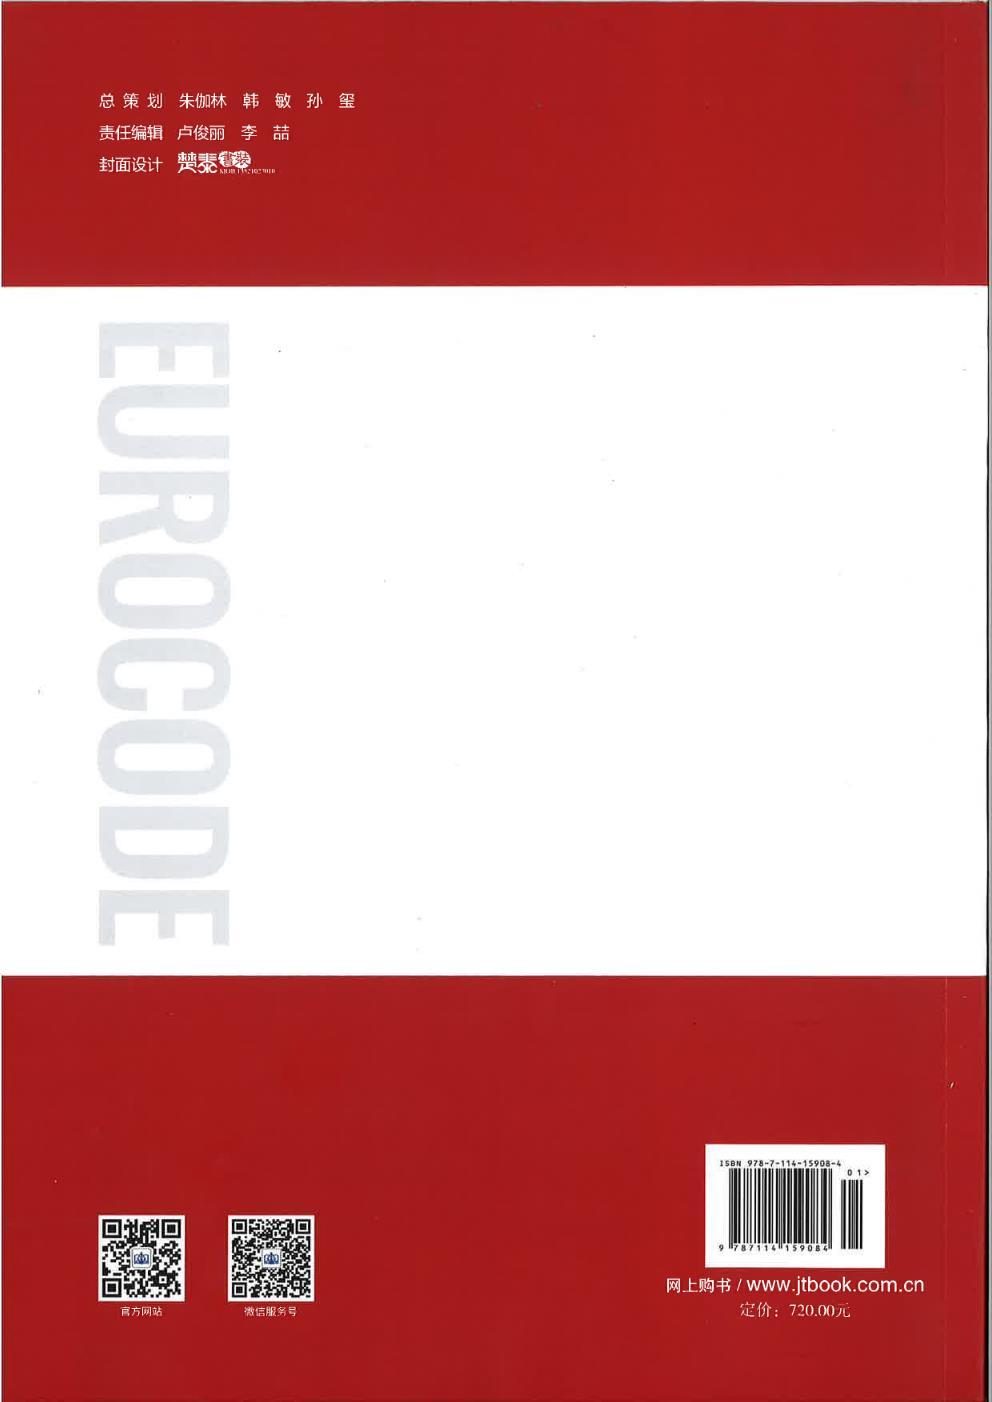 欧洲标准-钢结构设计第1-3部分:一般规定——冷成型构件和薄钢板的补充规定-BS-EN-1993-1-3:2006-Page-014